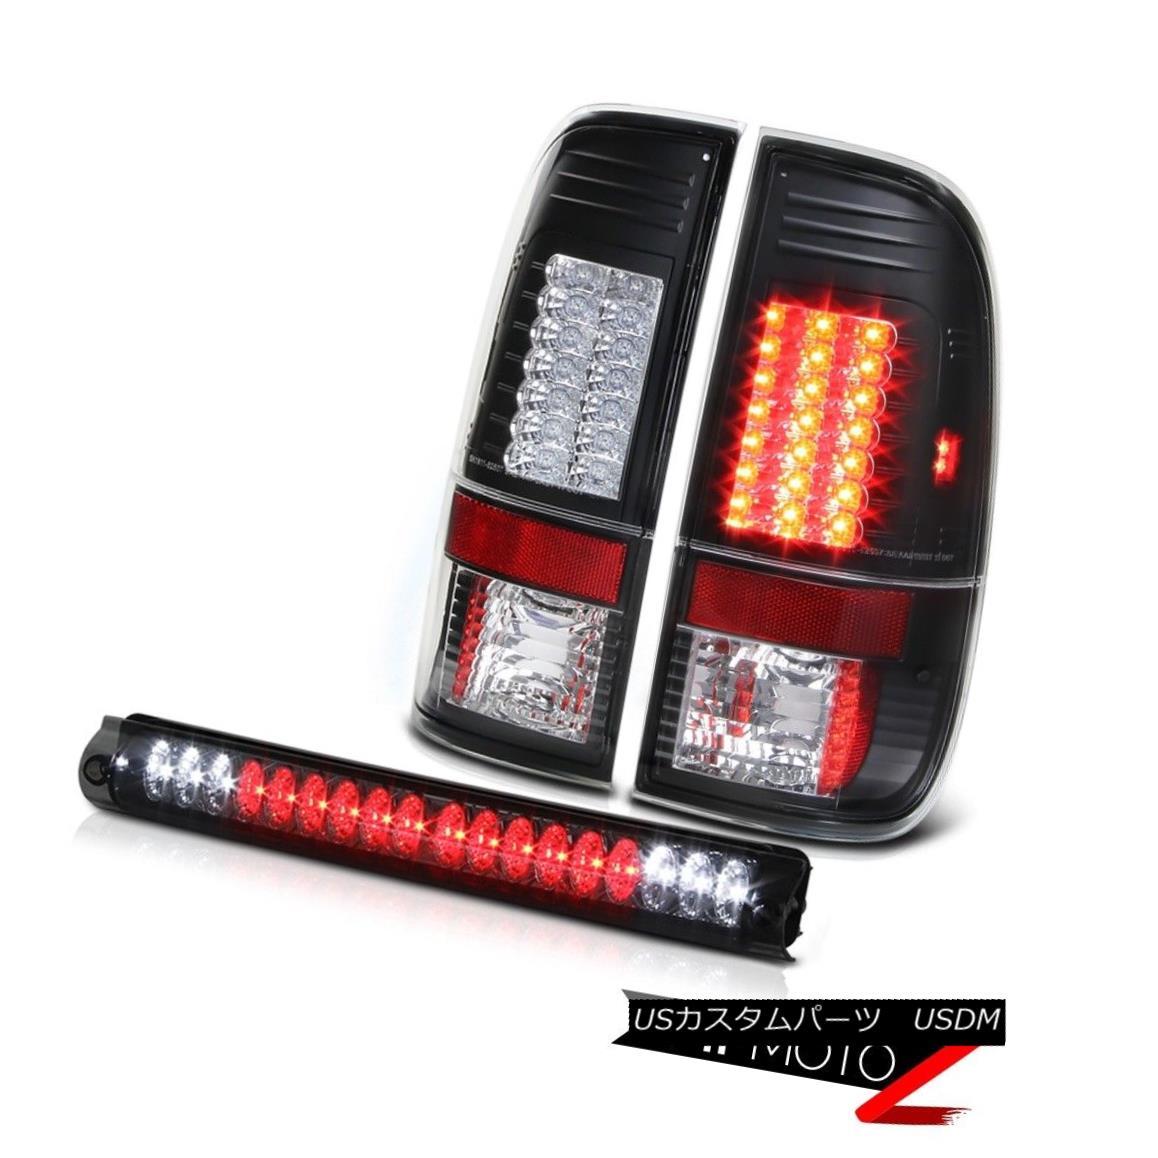 テールライト F150 SVT 1999 2000 2001 Black Brake LED Tail Light Roof Stop Lamp Smoke Ford NEW F150 SVT 1999 2000 2001ブラックブレーキLEDテールライトルーフストップランプスモークフォードNEW